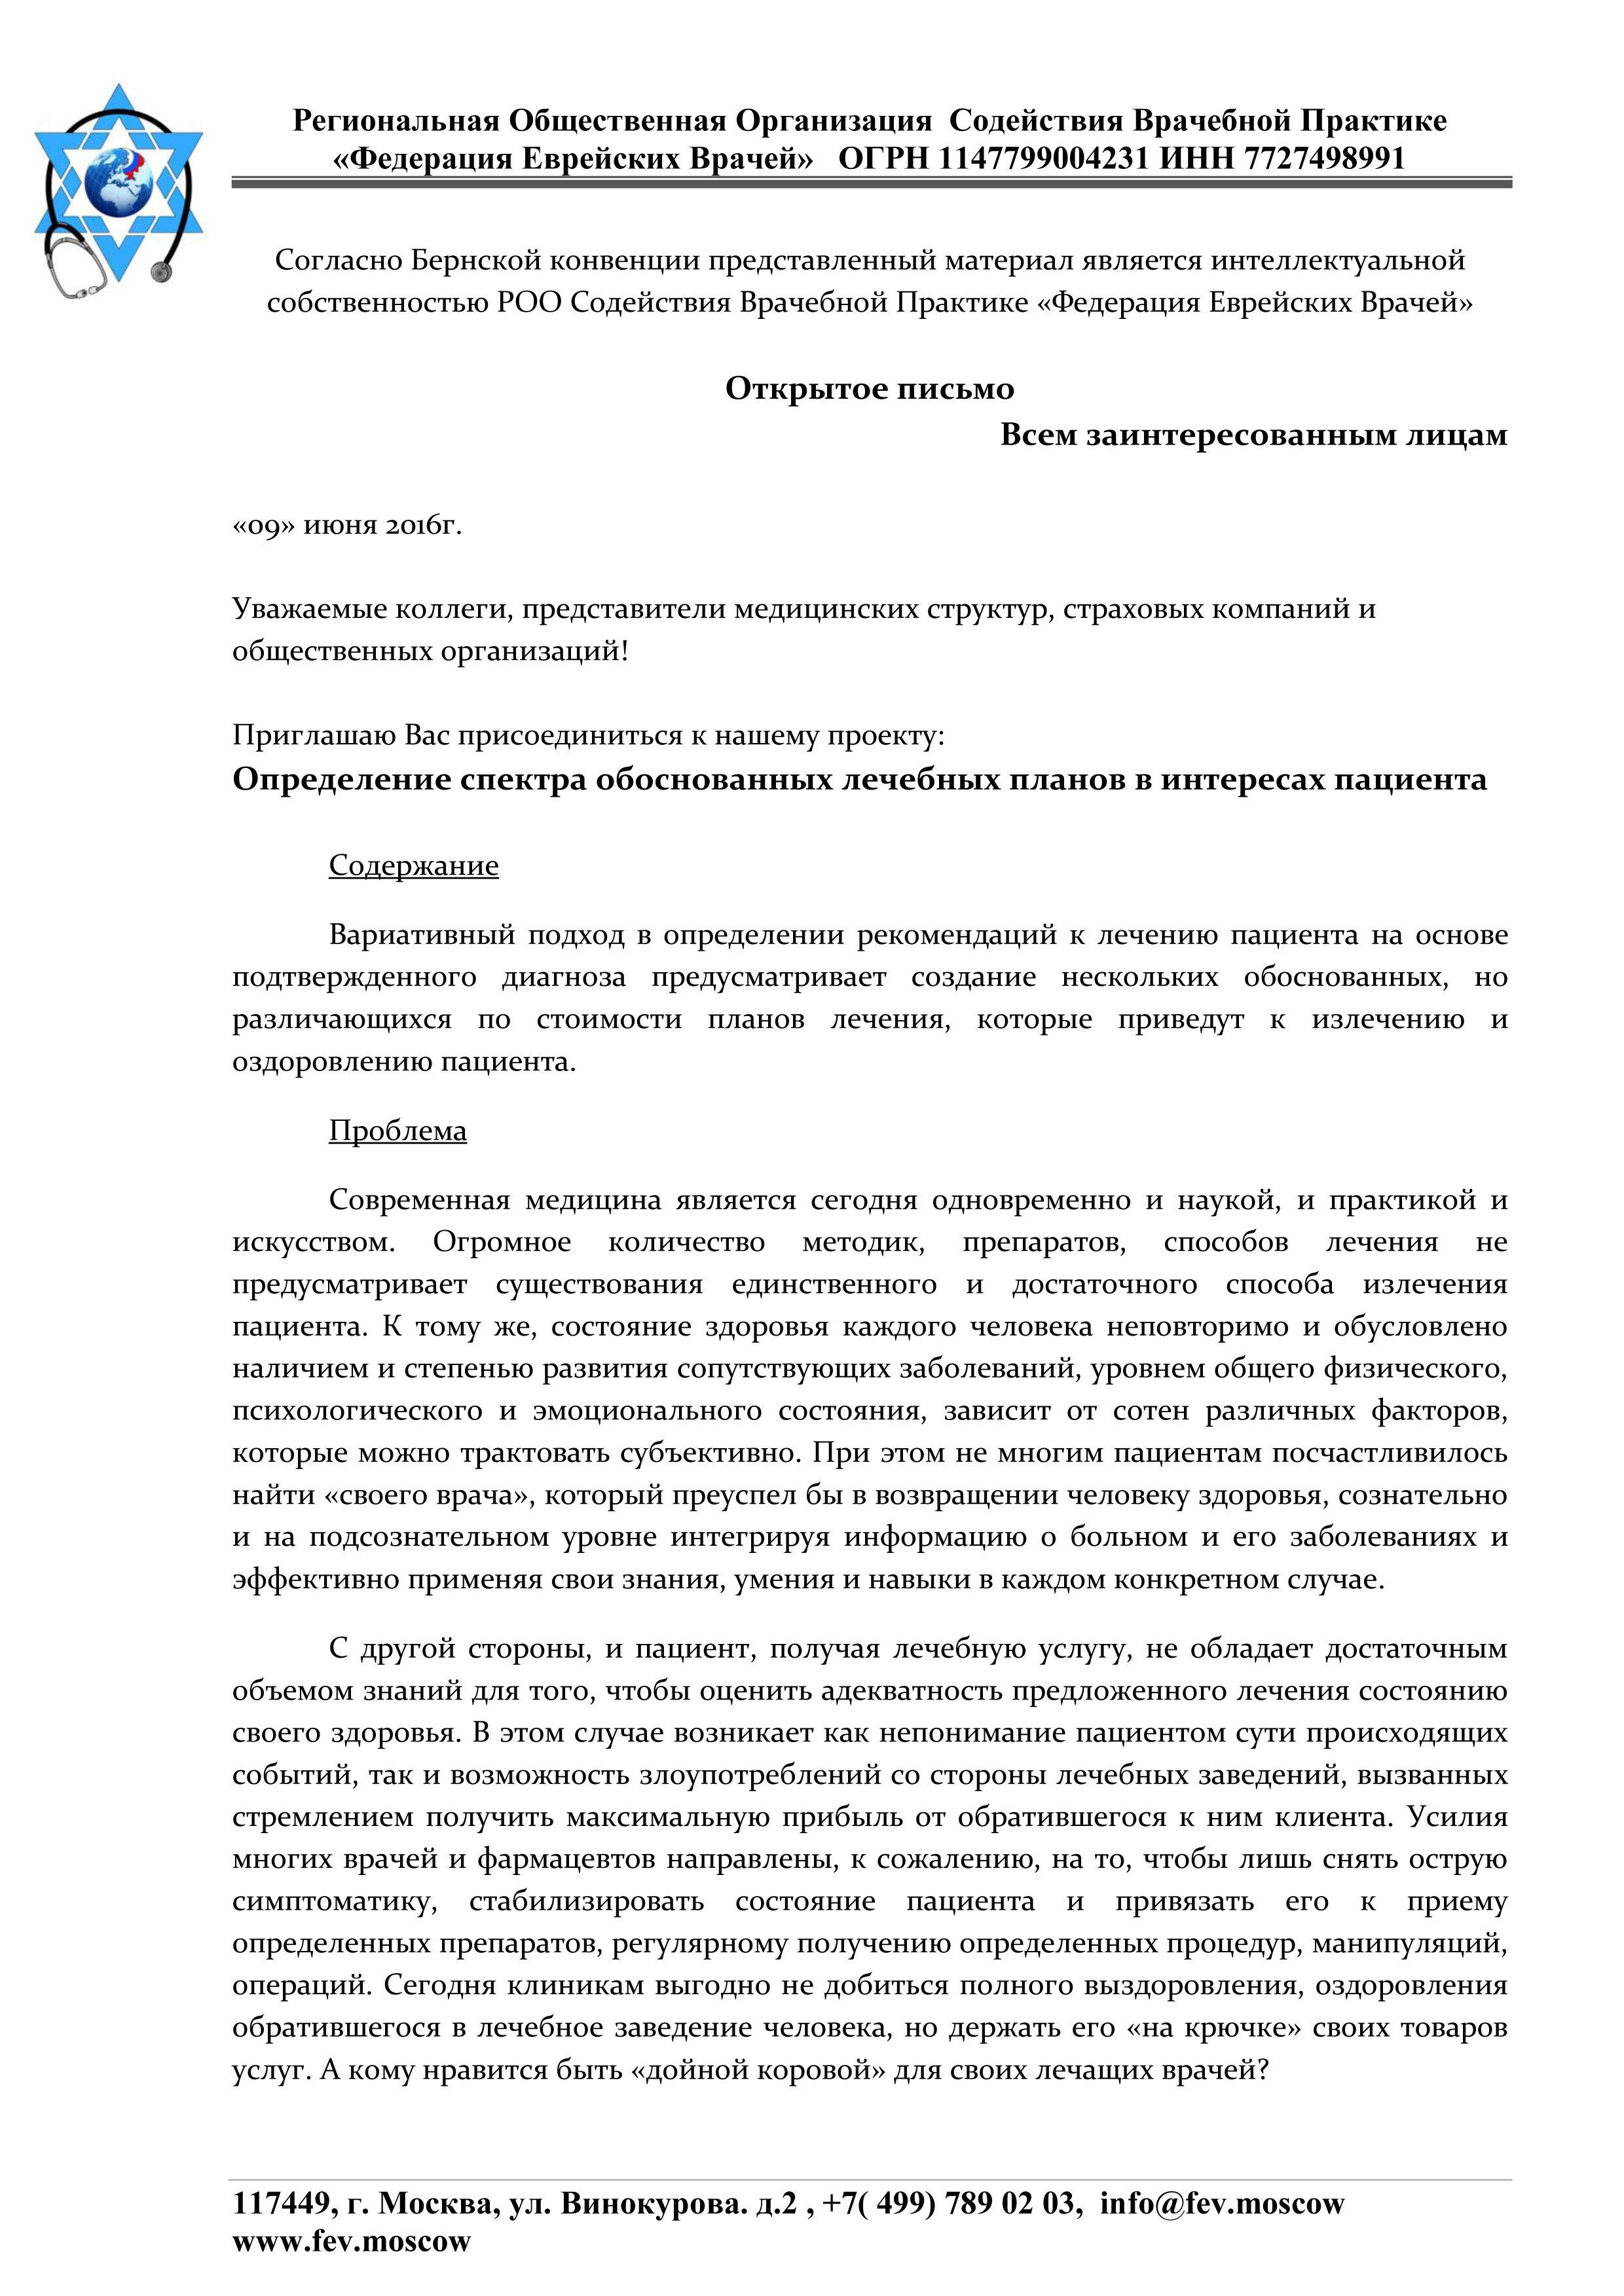 ФЕВ_Откр письмо Спектр лечебных планов-11